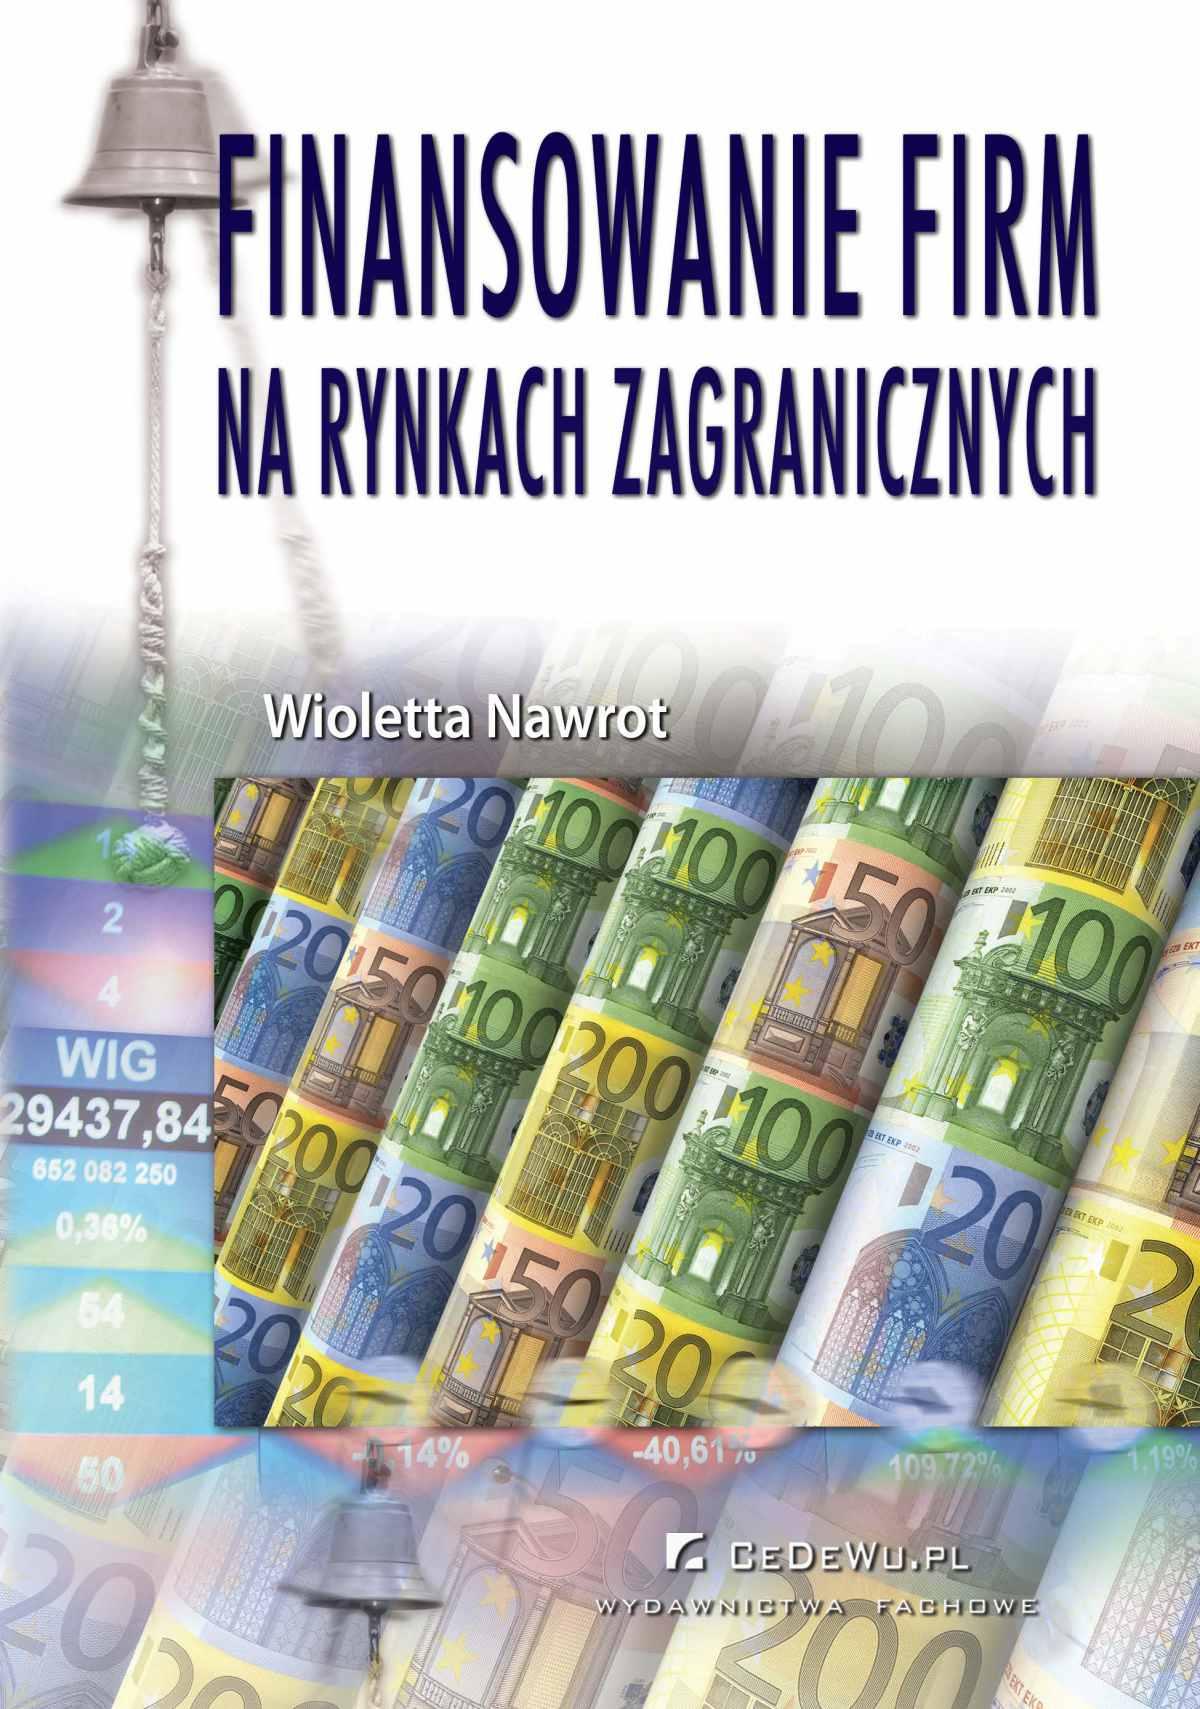 Finansowanie firm na rynkach zagranicznych (wyd. II) - Ebook (Książka PDF) do pobrania w formacie PDF